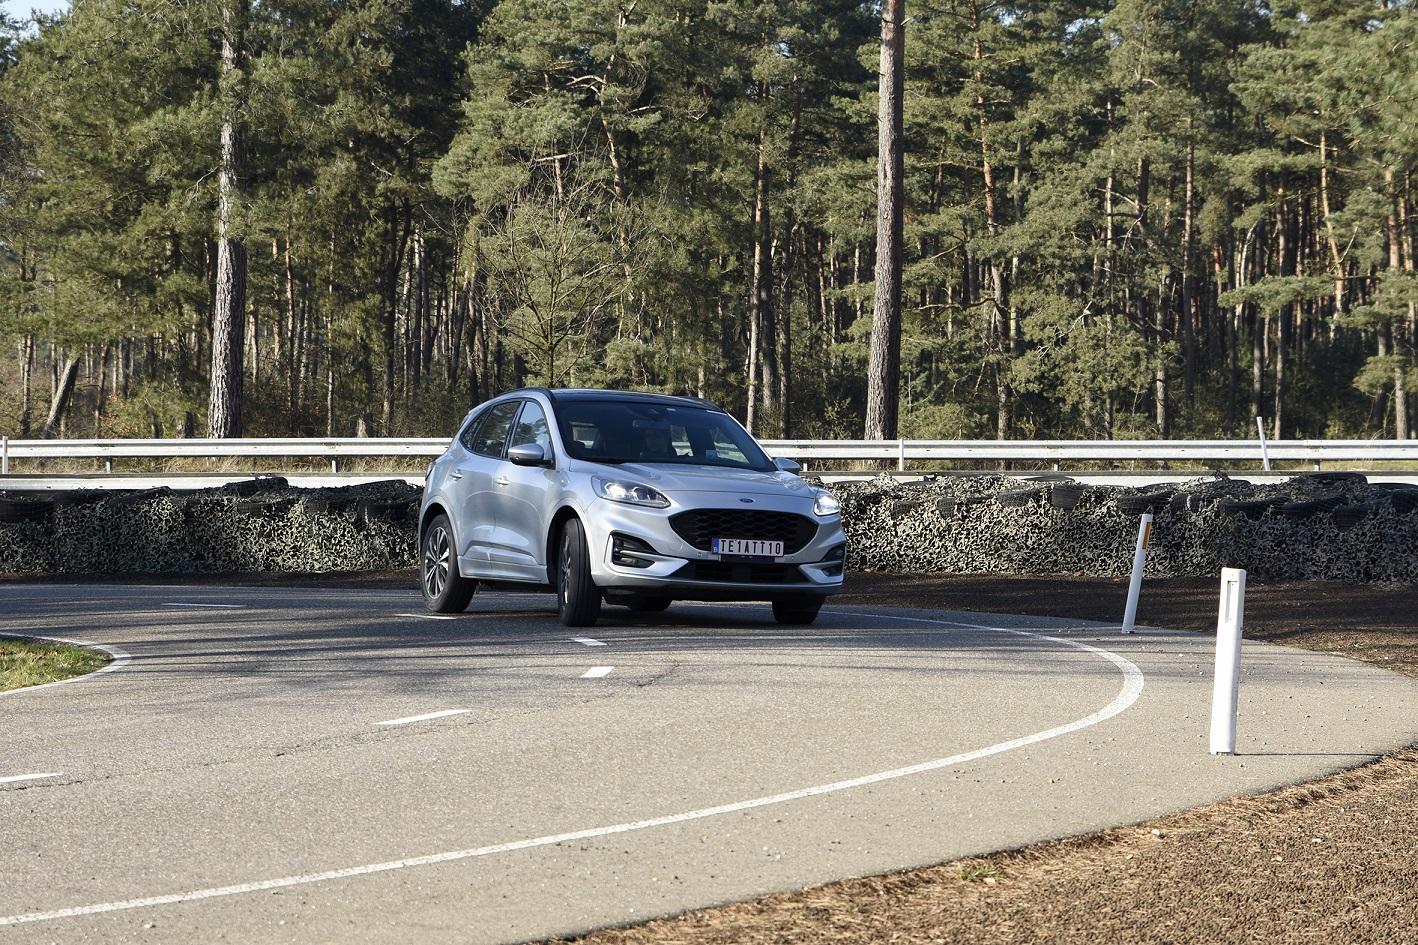 比利時的「Lommel 車輛研究測試中心」是歐洲 Ford 最具指標性的測試場域,更是 Ford 調校操控的秘密基地。